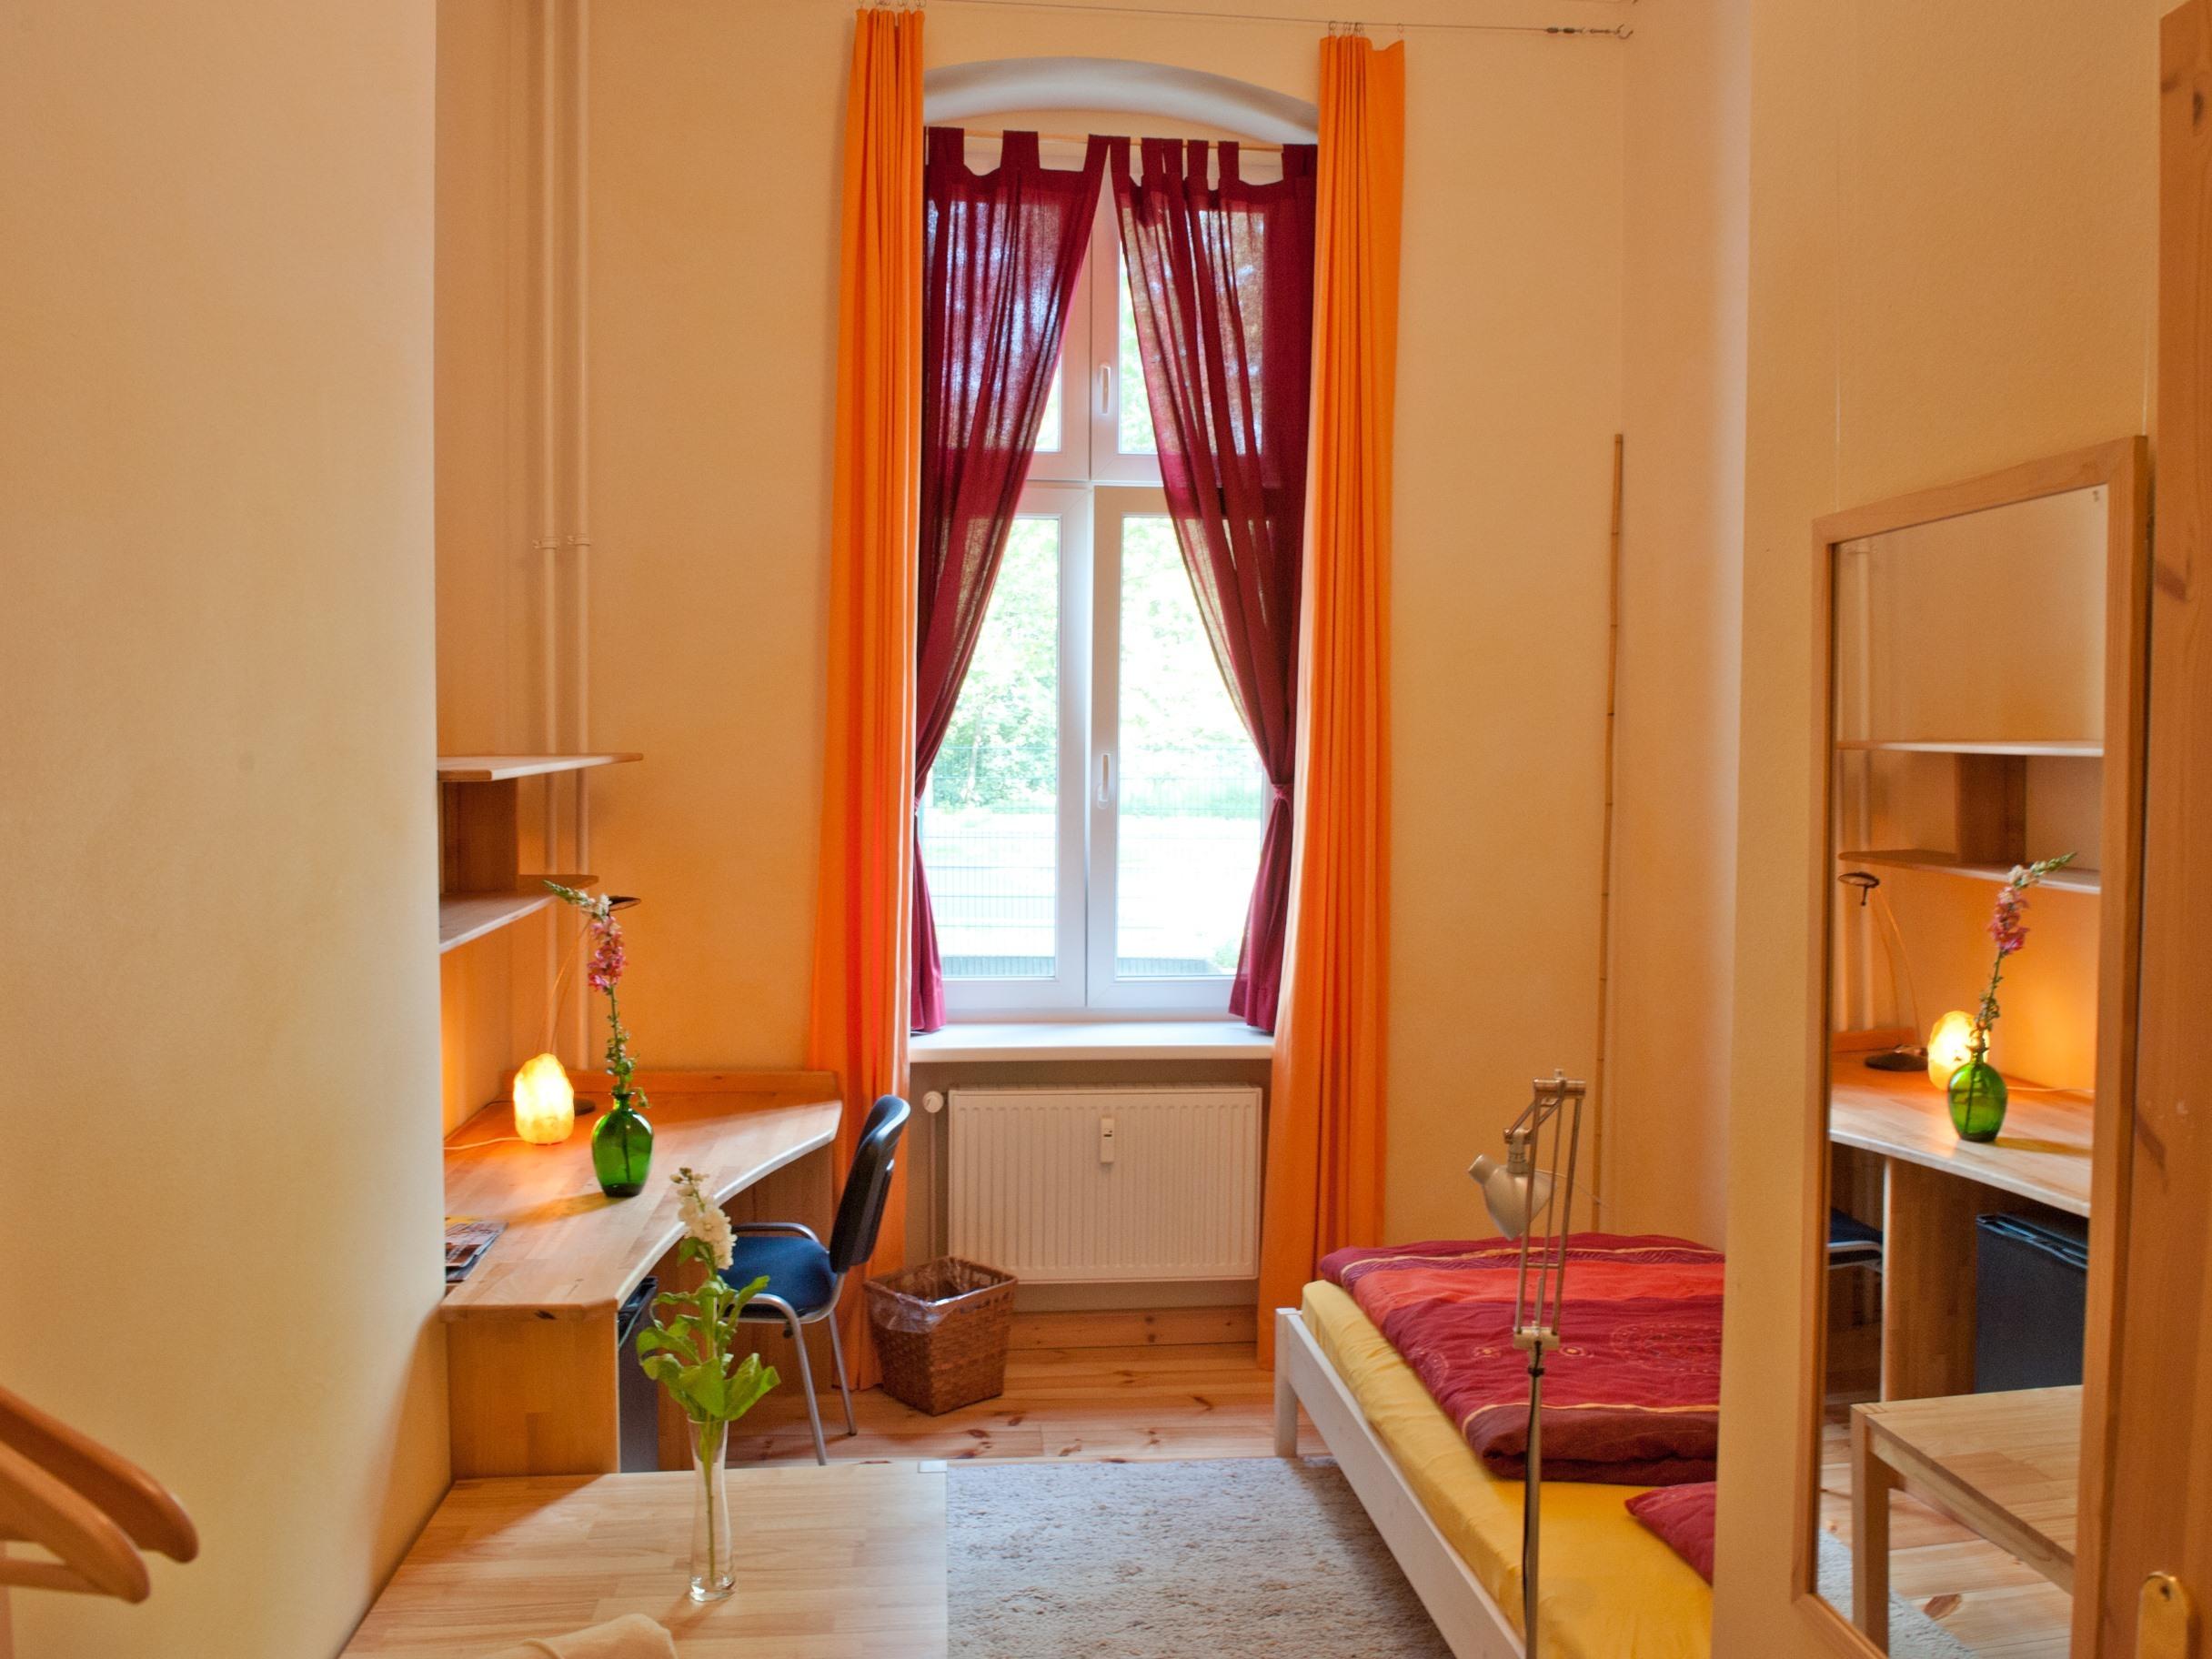 Einzelzimmer-Komfort-Gemeinsames Badezimmer - Basistarif